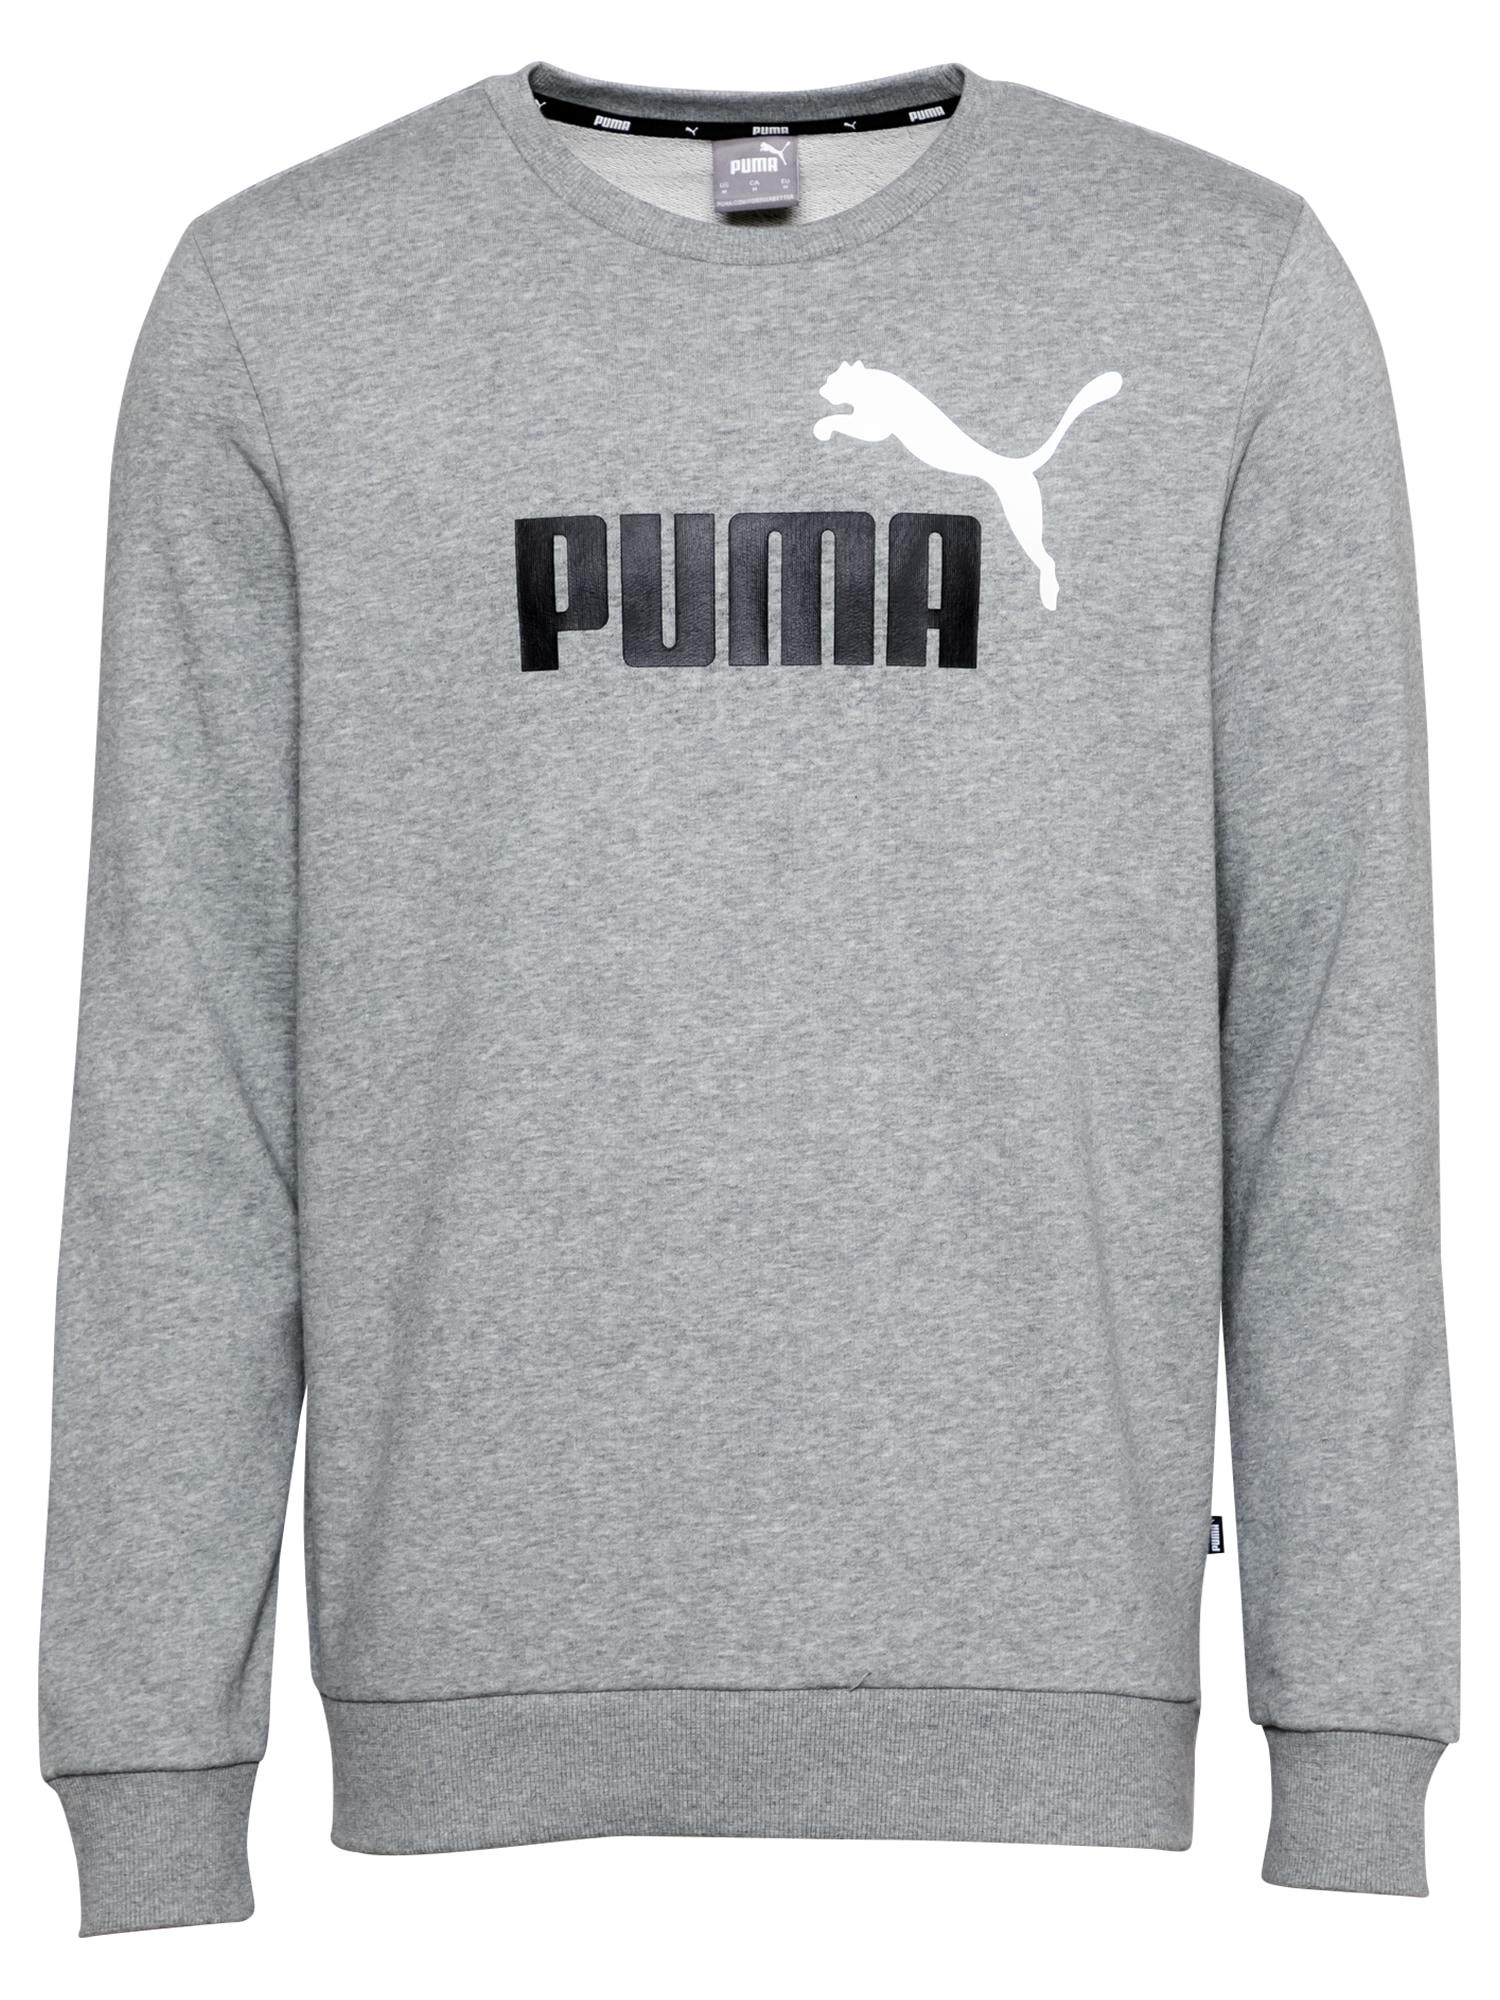 PUMA Sportinio tipo megztinis margai pilka / juoda